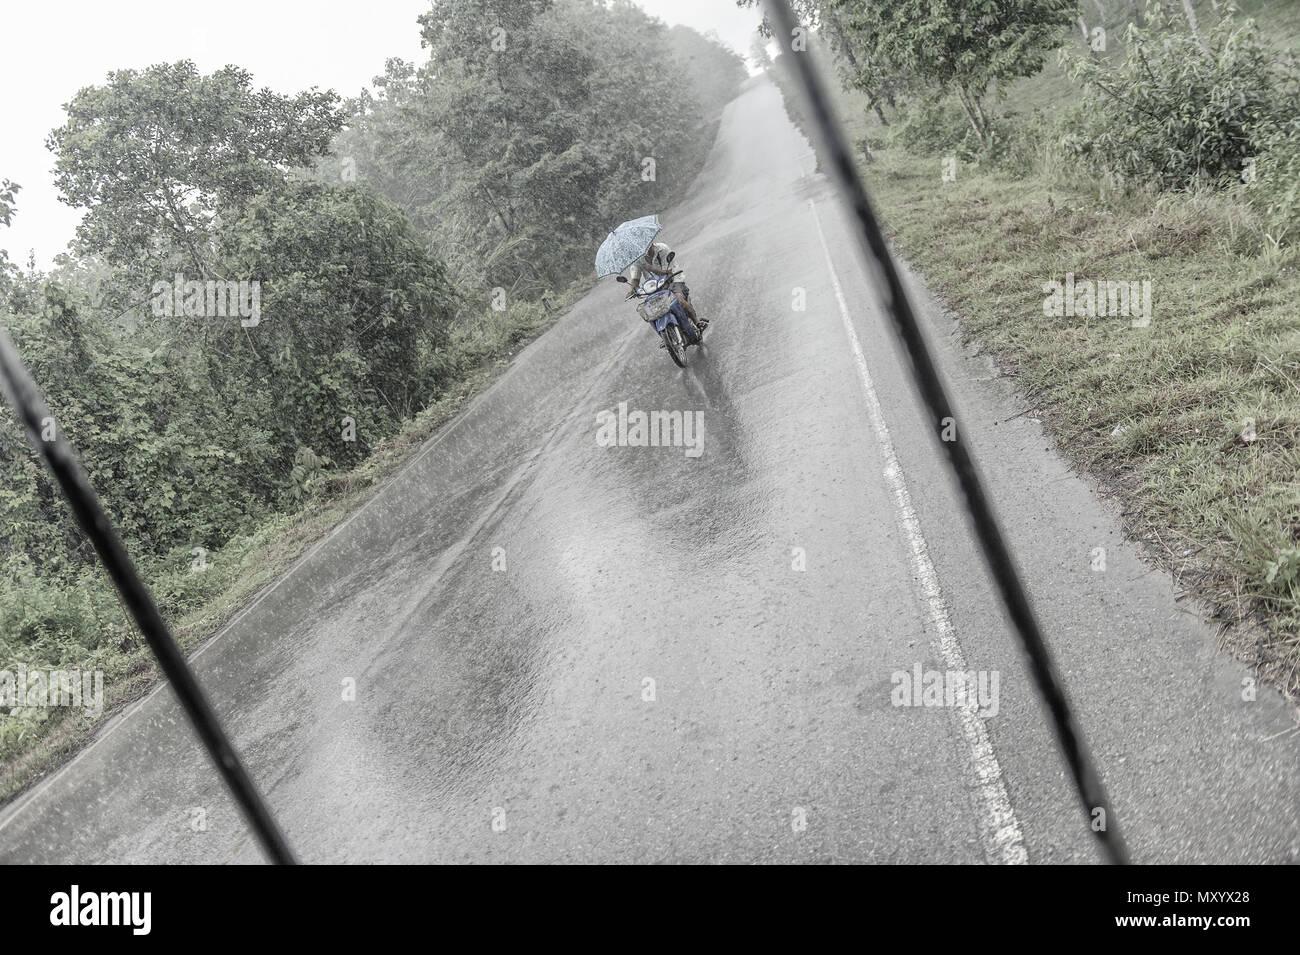 El motorista atrapado en una ducha de lluvia, Kanchanaburi, Tailandia Imagen De Stock